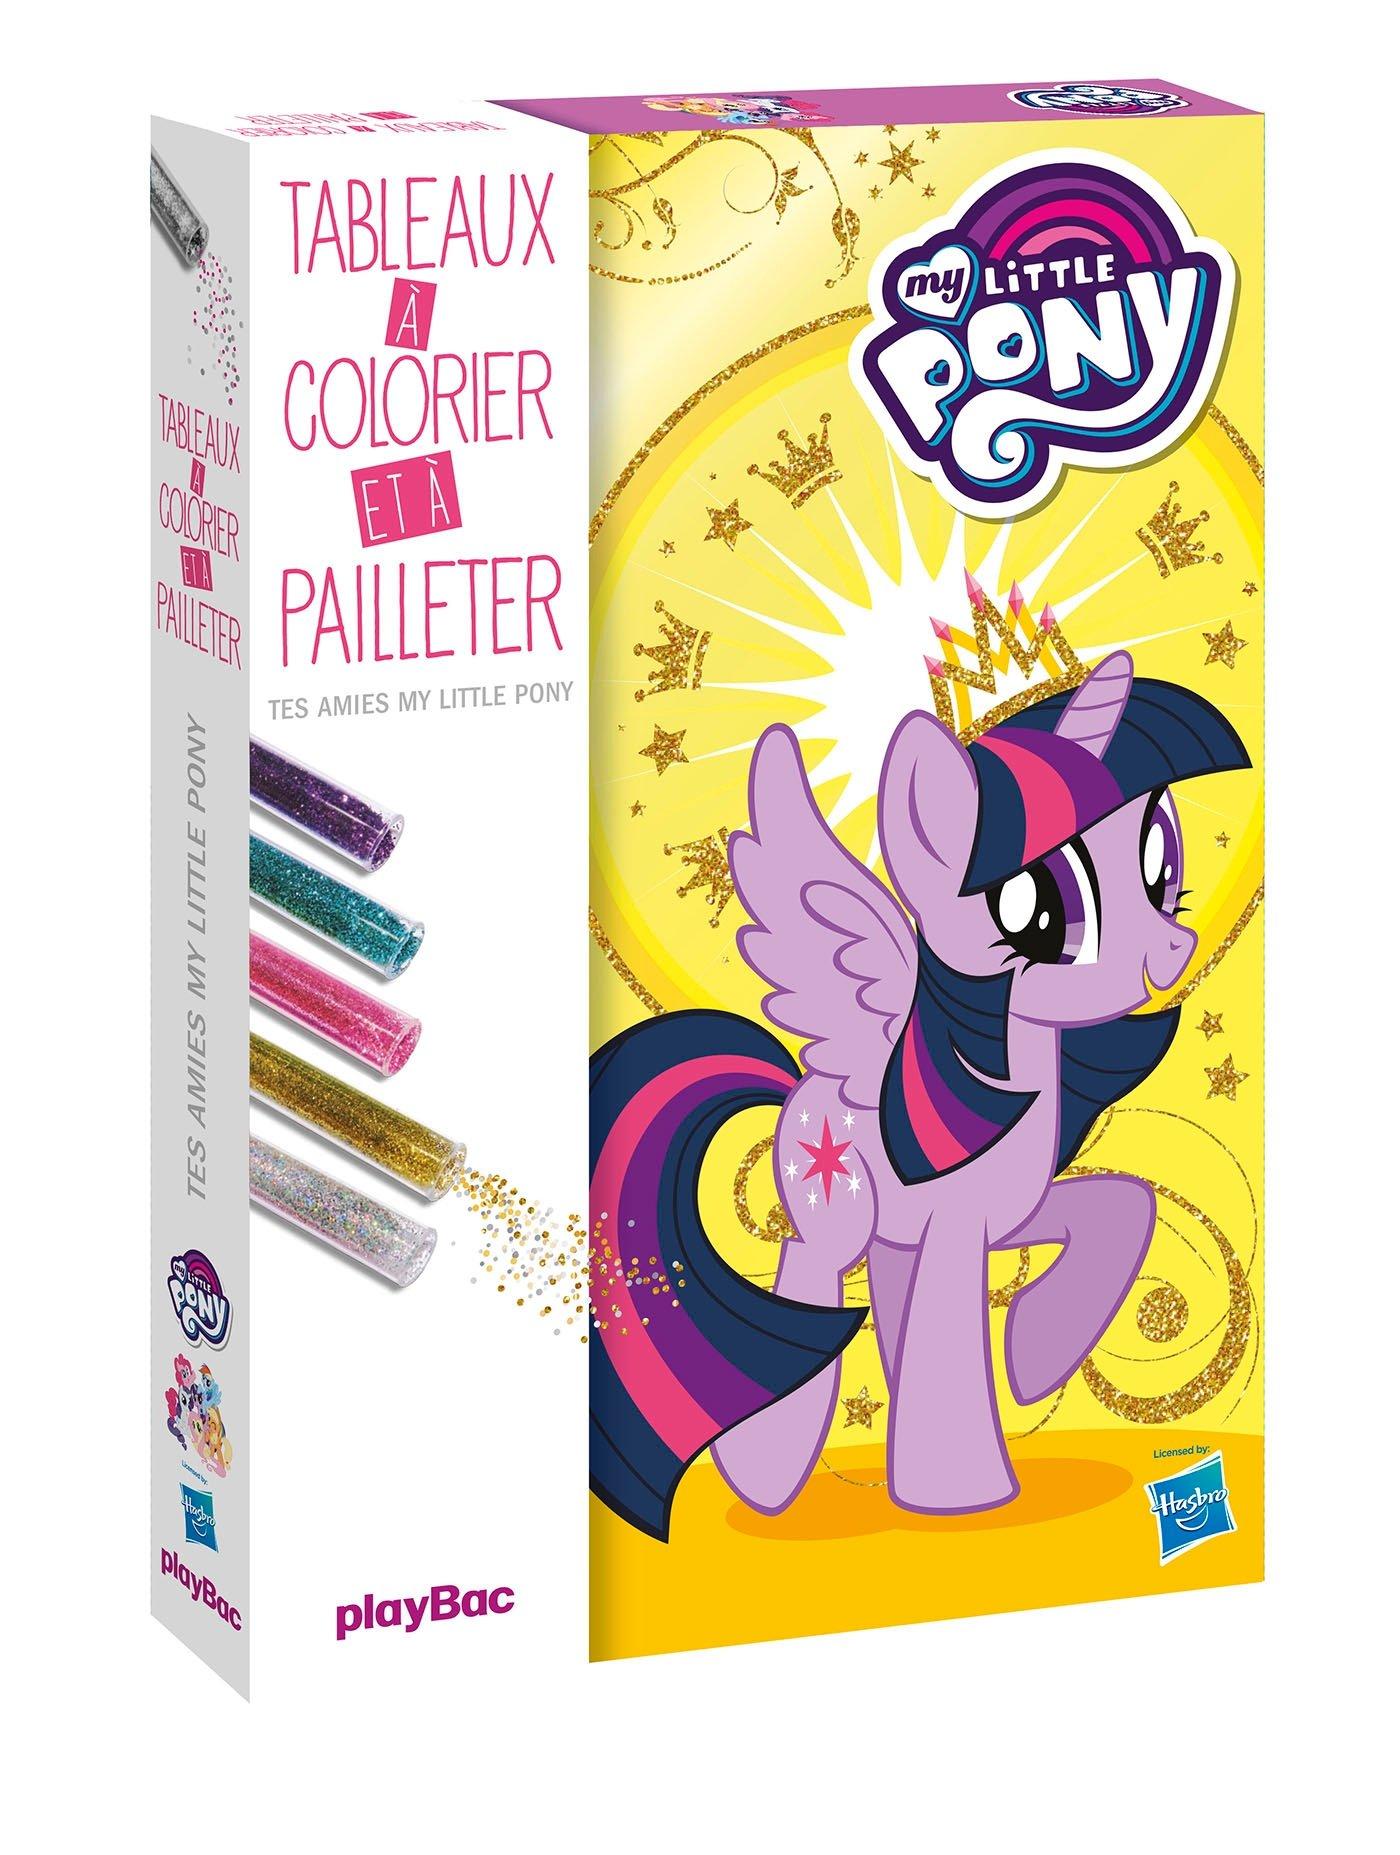 My Little Pony Mes Tableaux A Colorier Et A Pailleter Amazon Fr Play Bac Livres